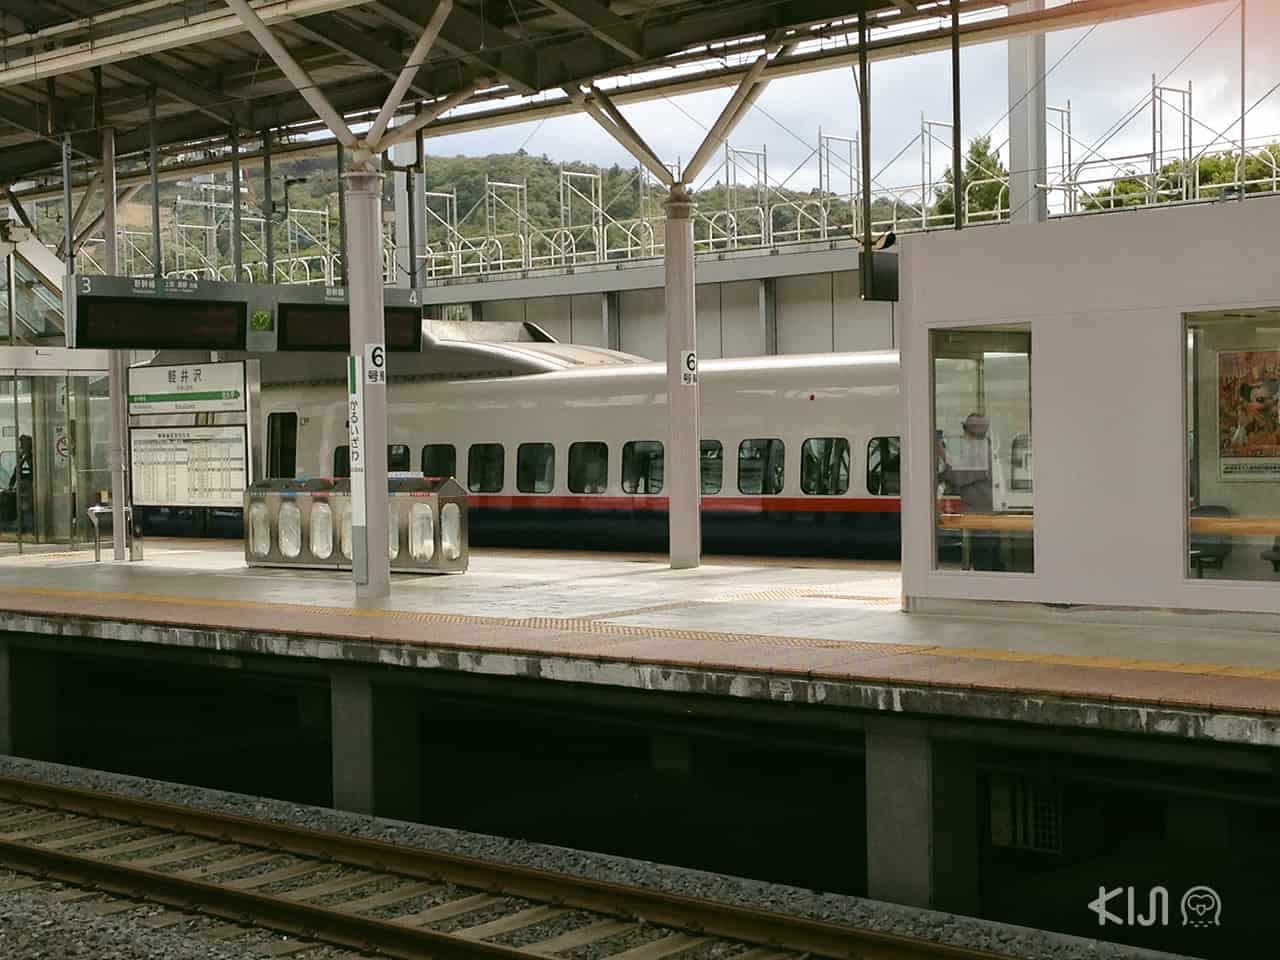 สถานี คารุอิซาวะ (Karuizawa Station)